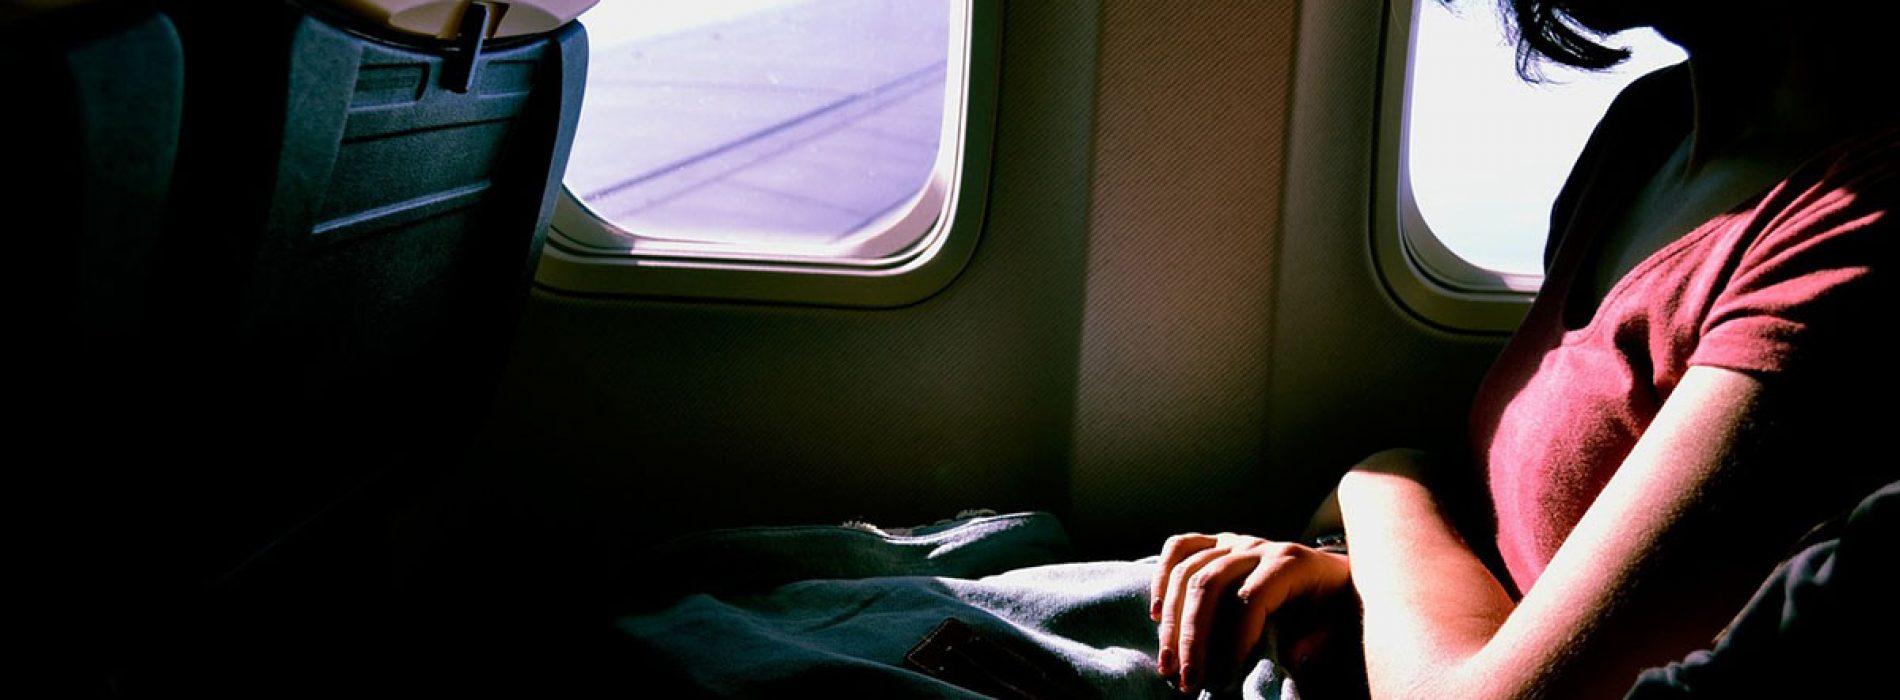 Pierde el miedo a volar y salva tus próximas vacaciones